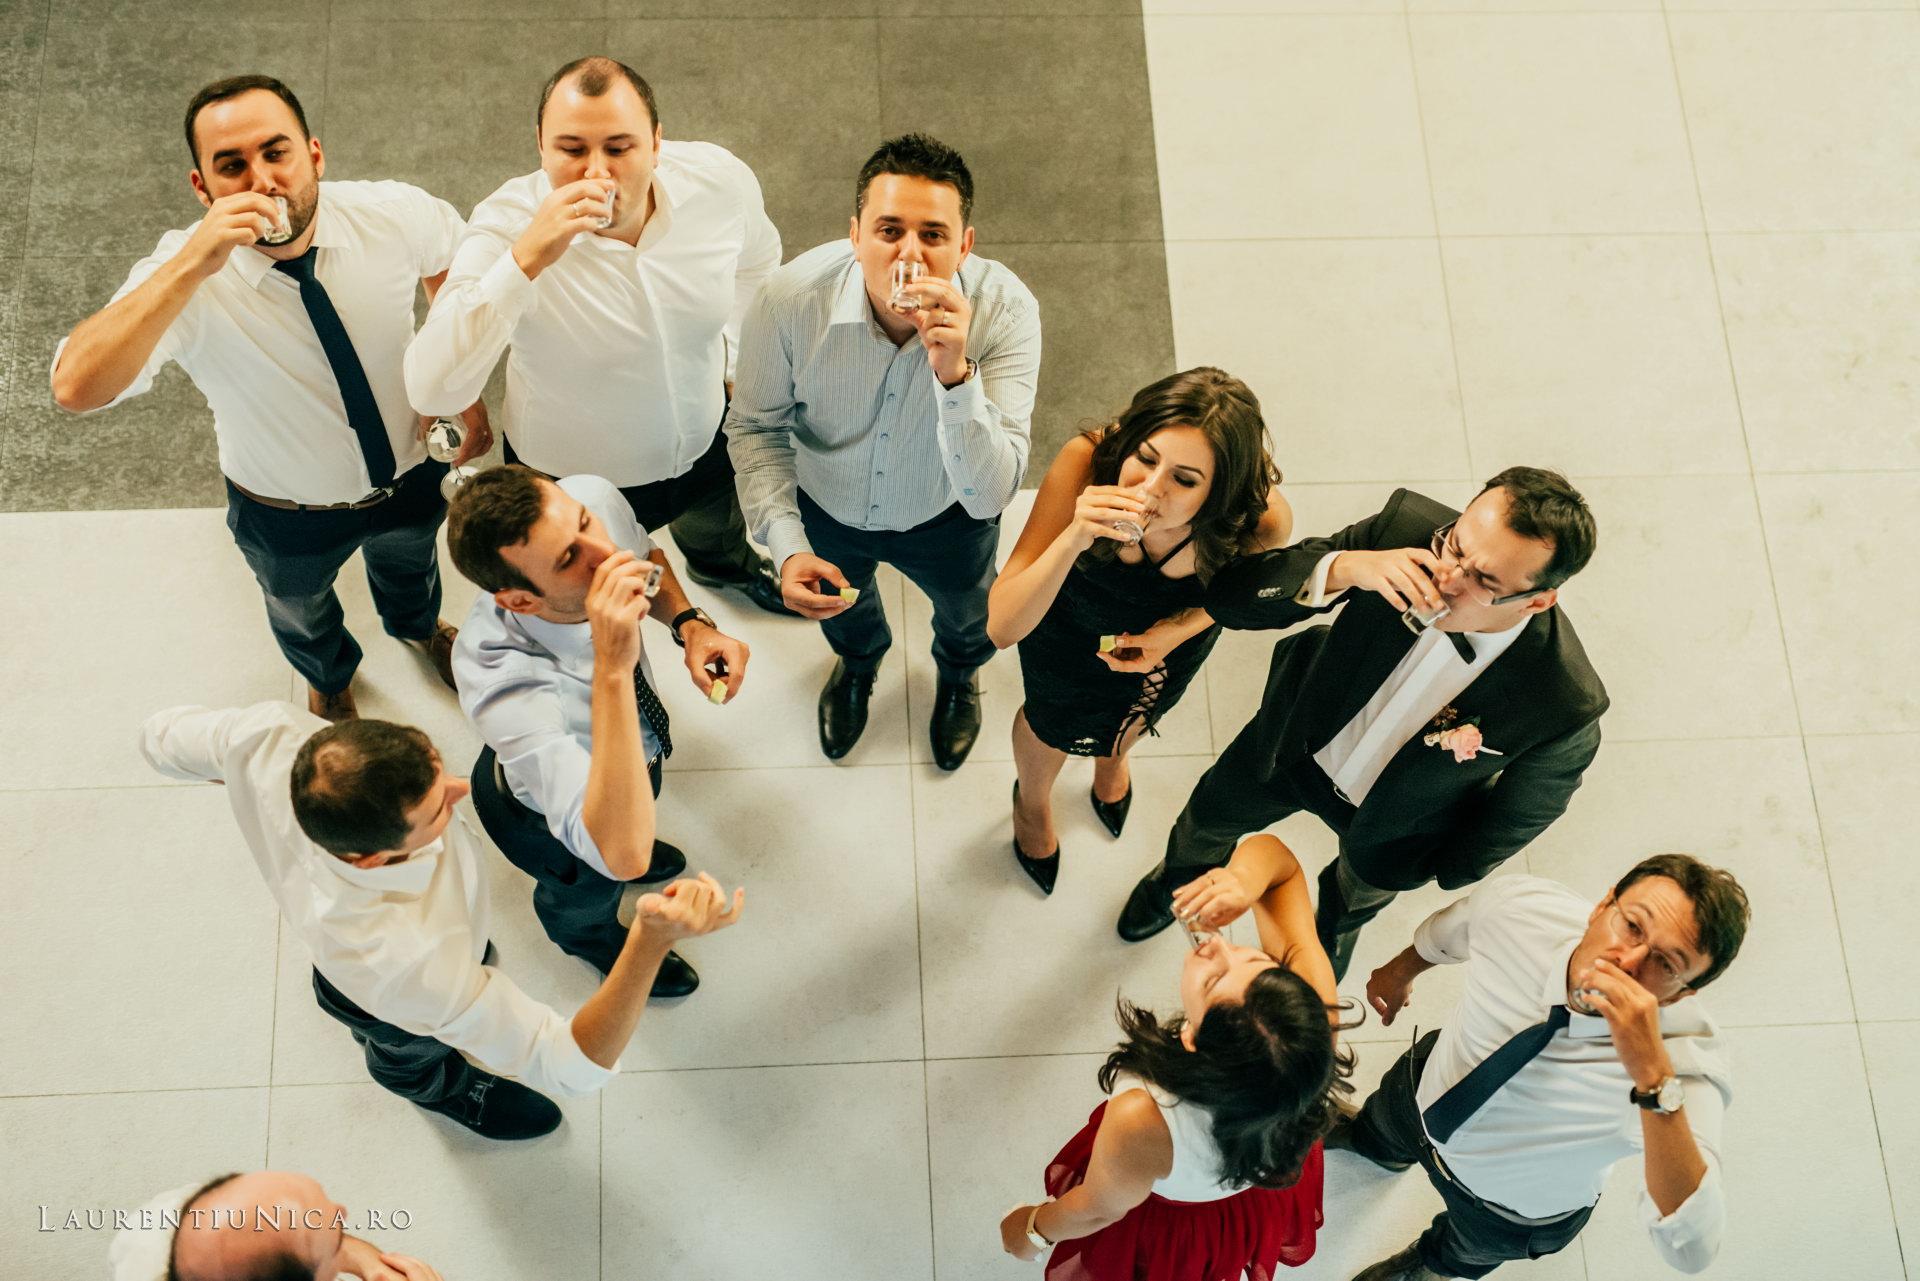 alina si razvan craiova fotograf nunta laurentiu nica74 - Alina & Razvan | Fotografii nunta